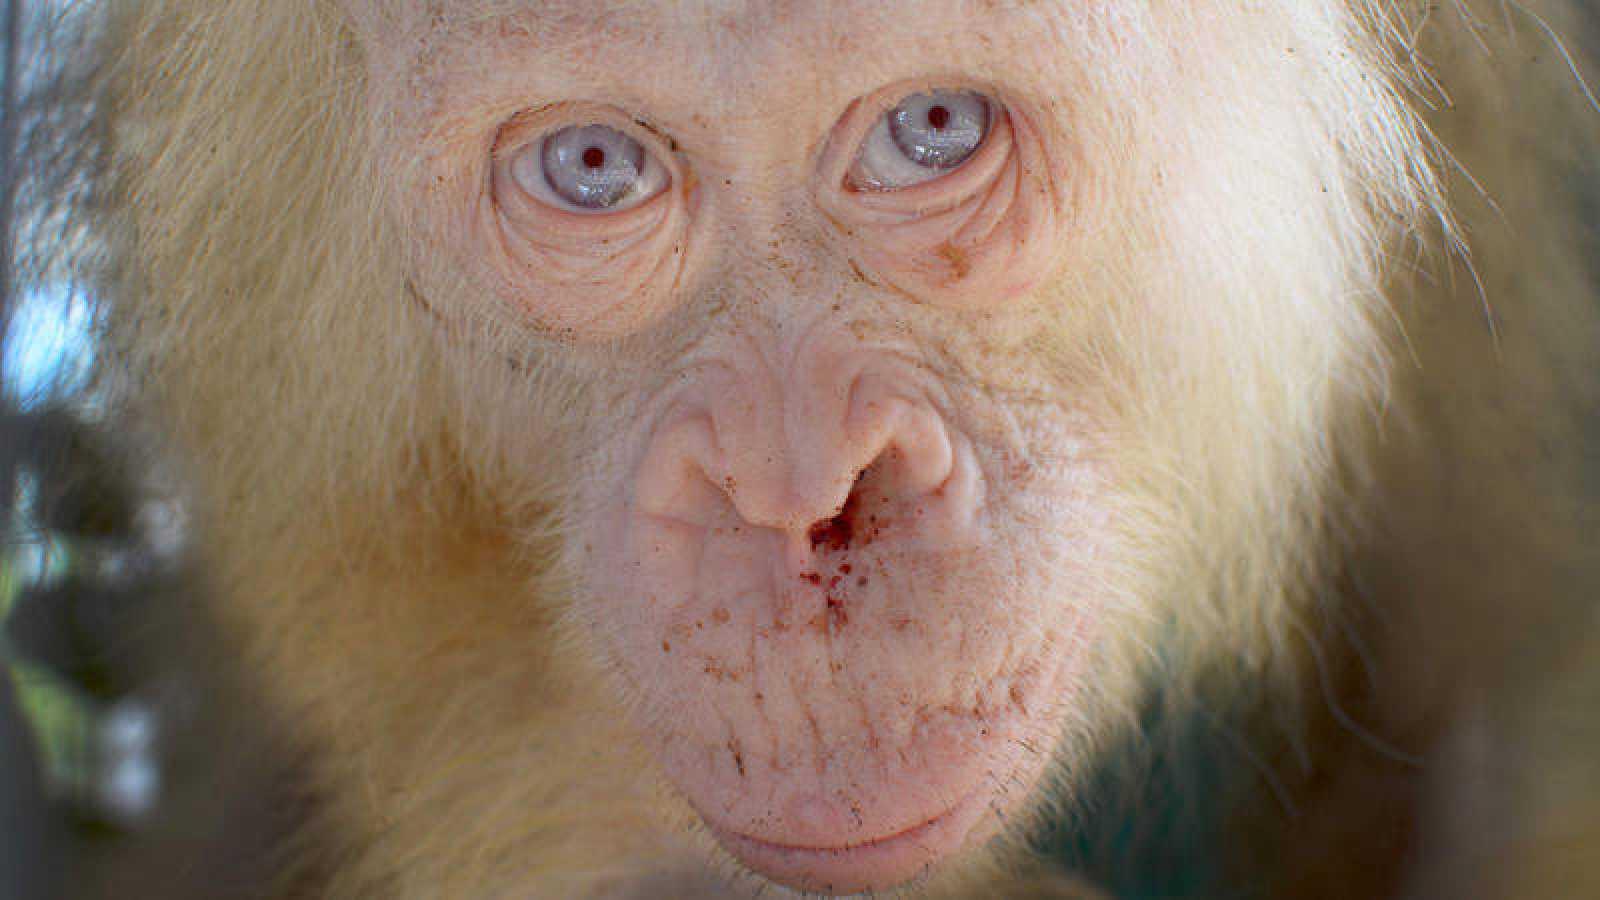 El ejemplar tiene unos cinco años, y sus ojos, pelo y piel son pálidos, además de presentar fotosensibilidad.